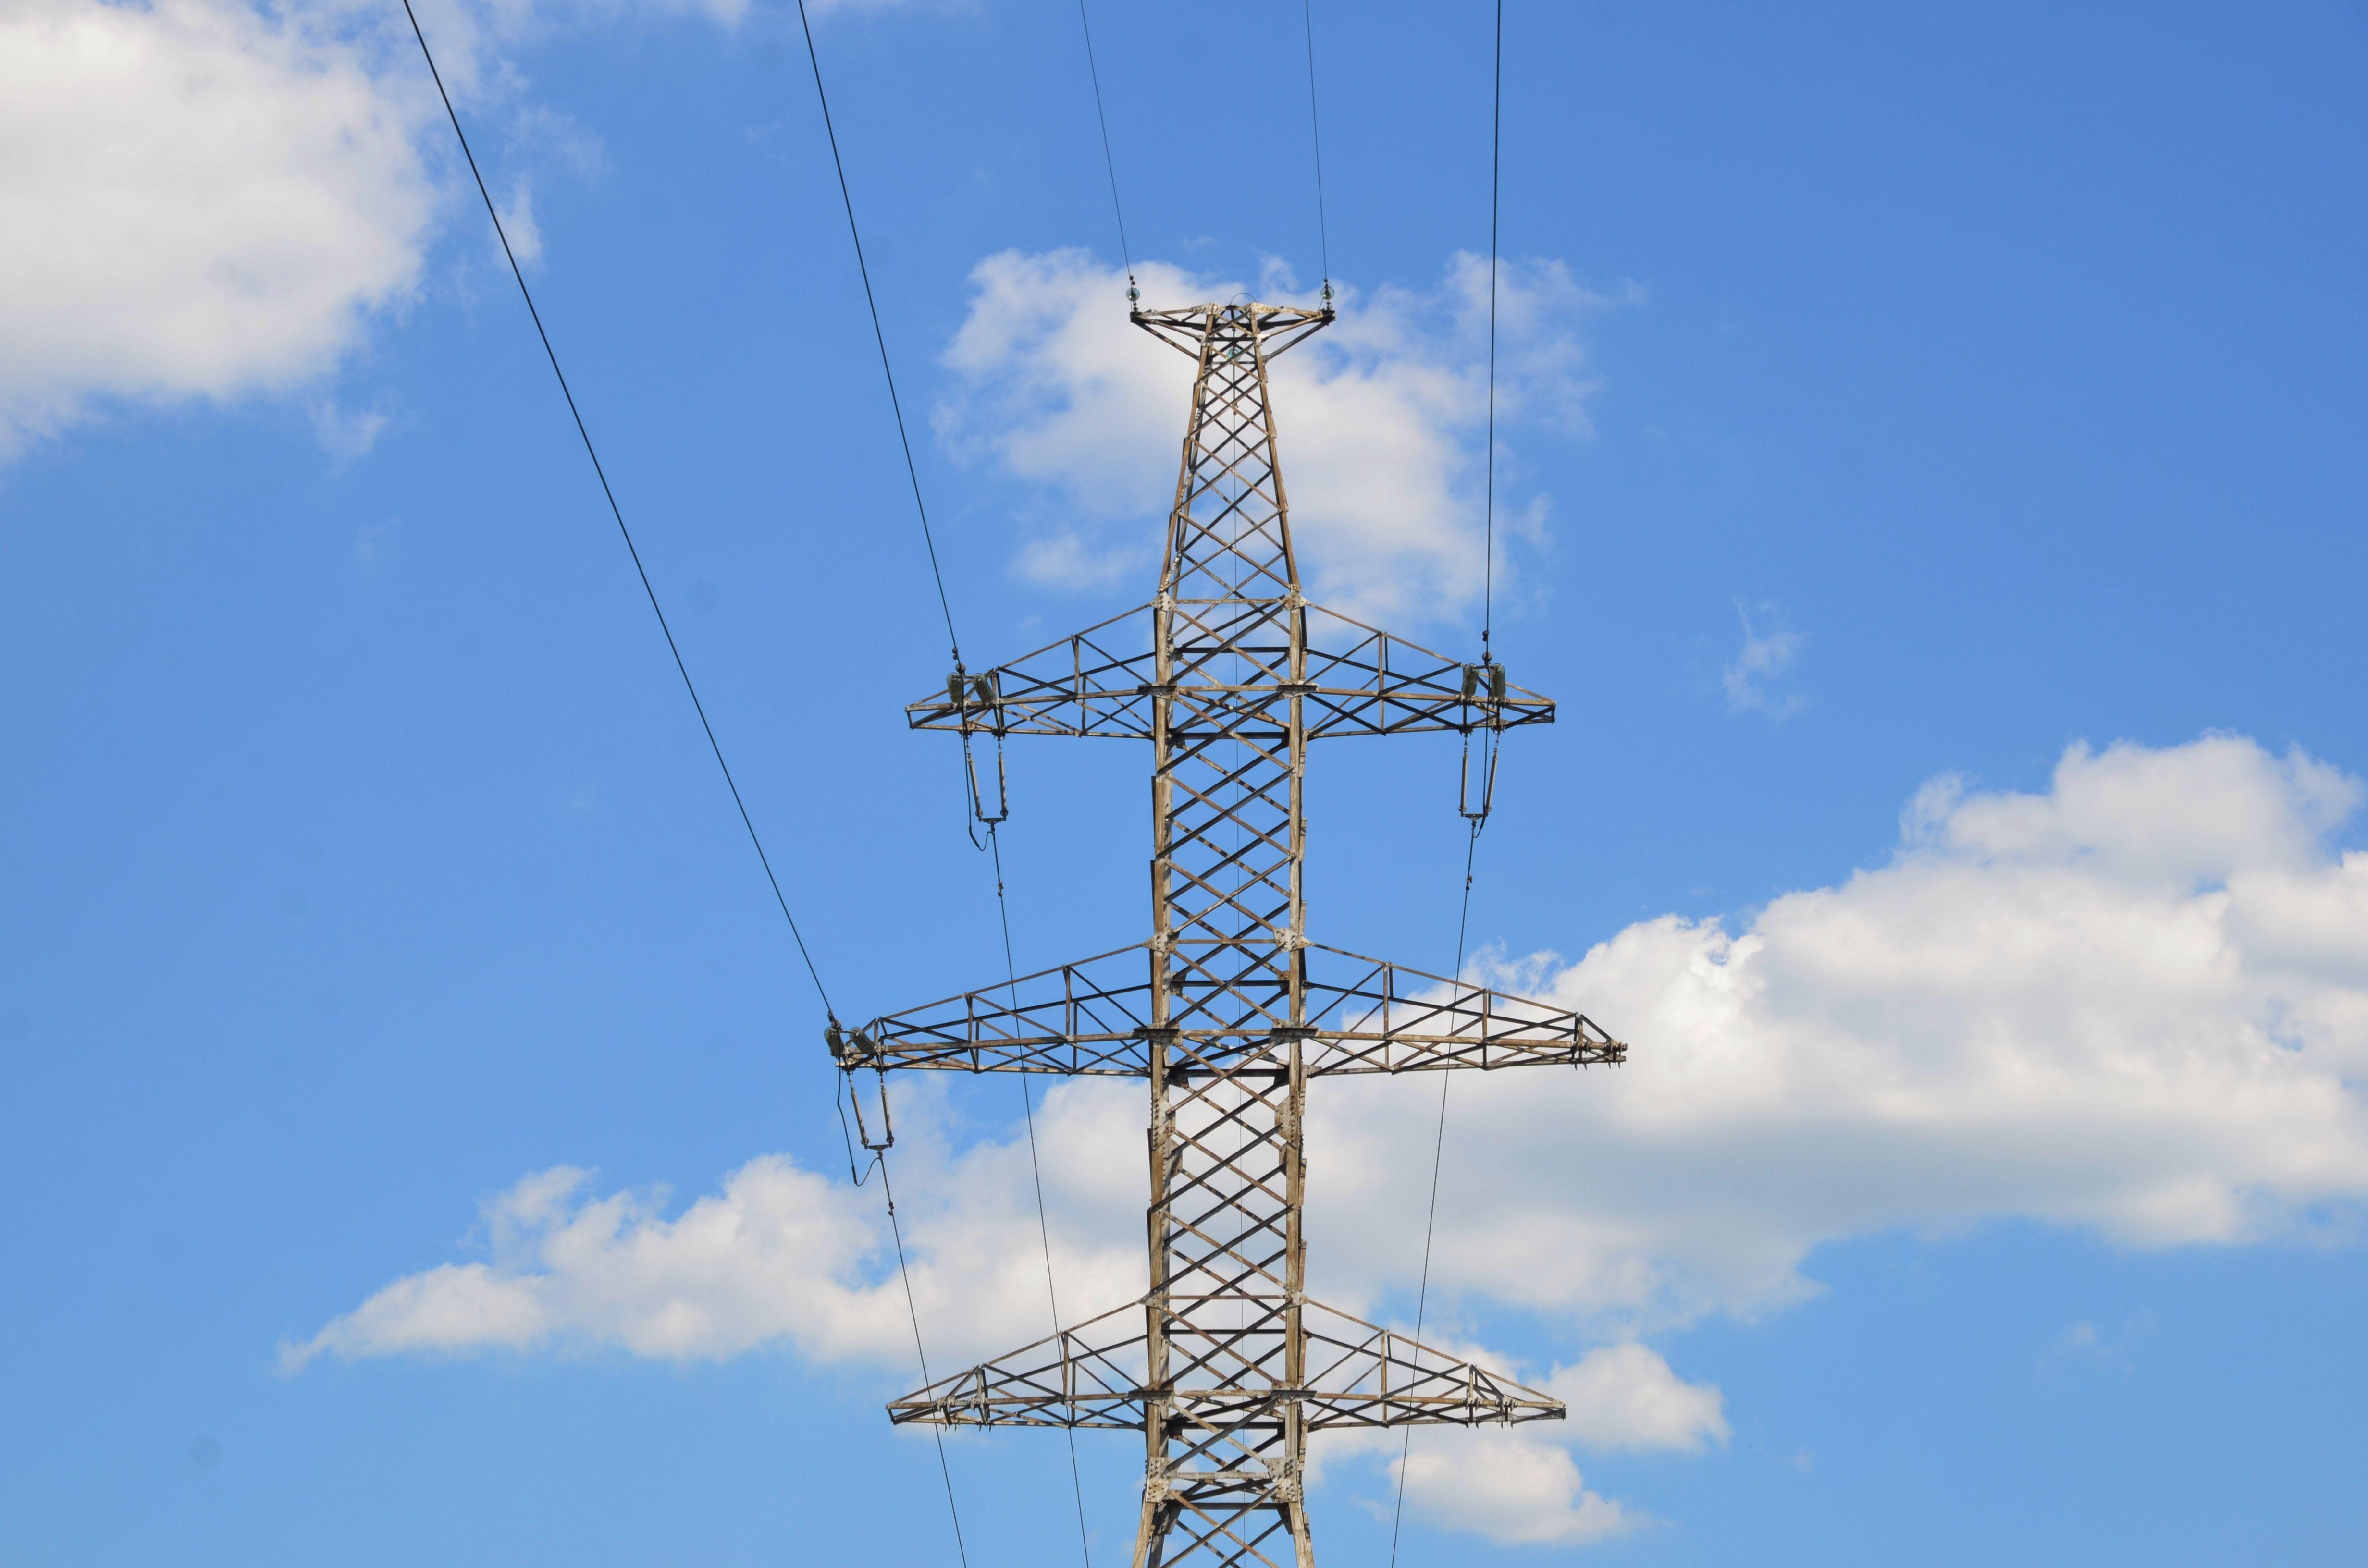 Линию электропередачи в Нагорном районе спрячут под землю